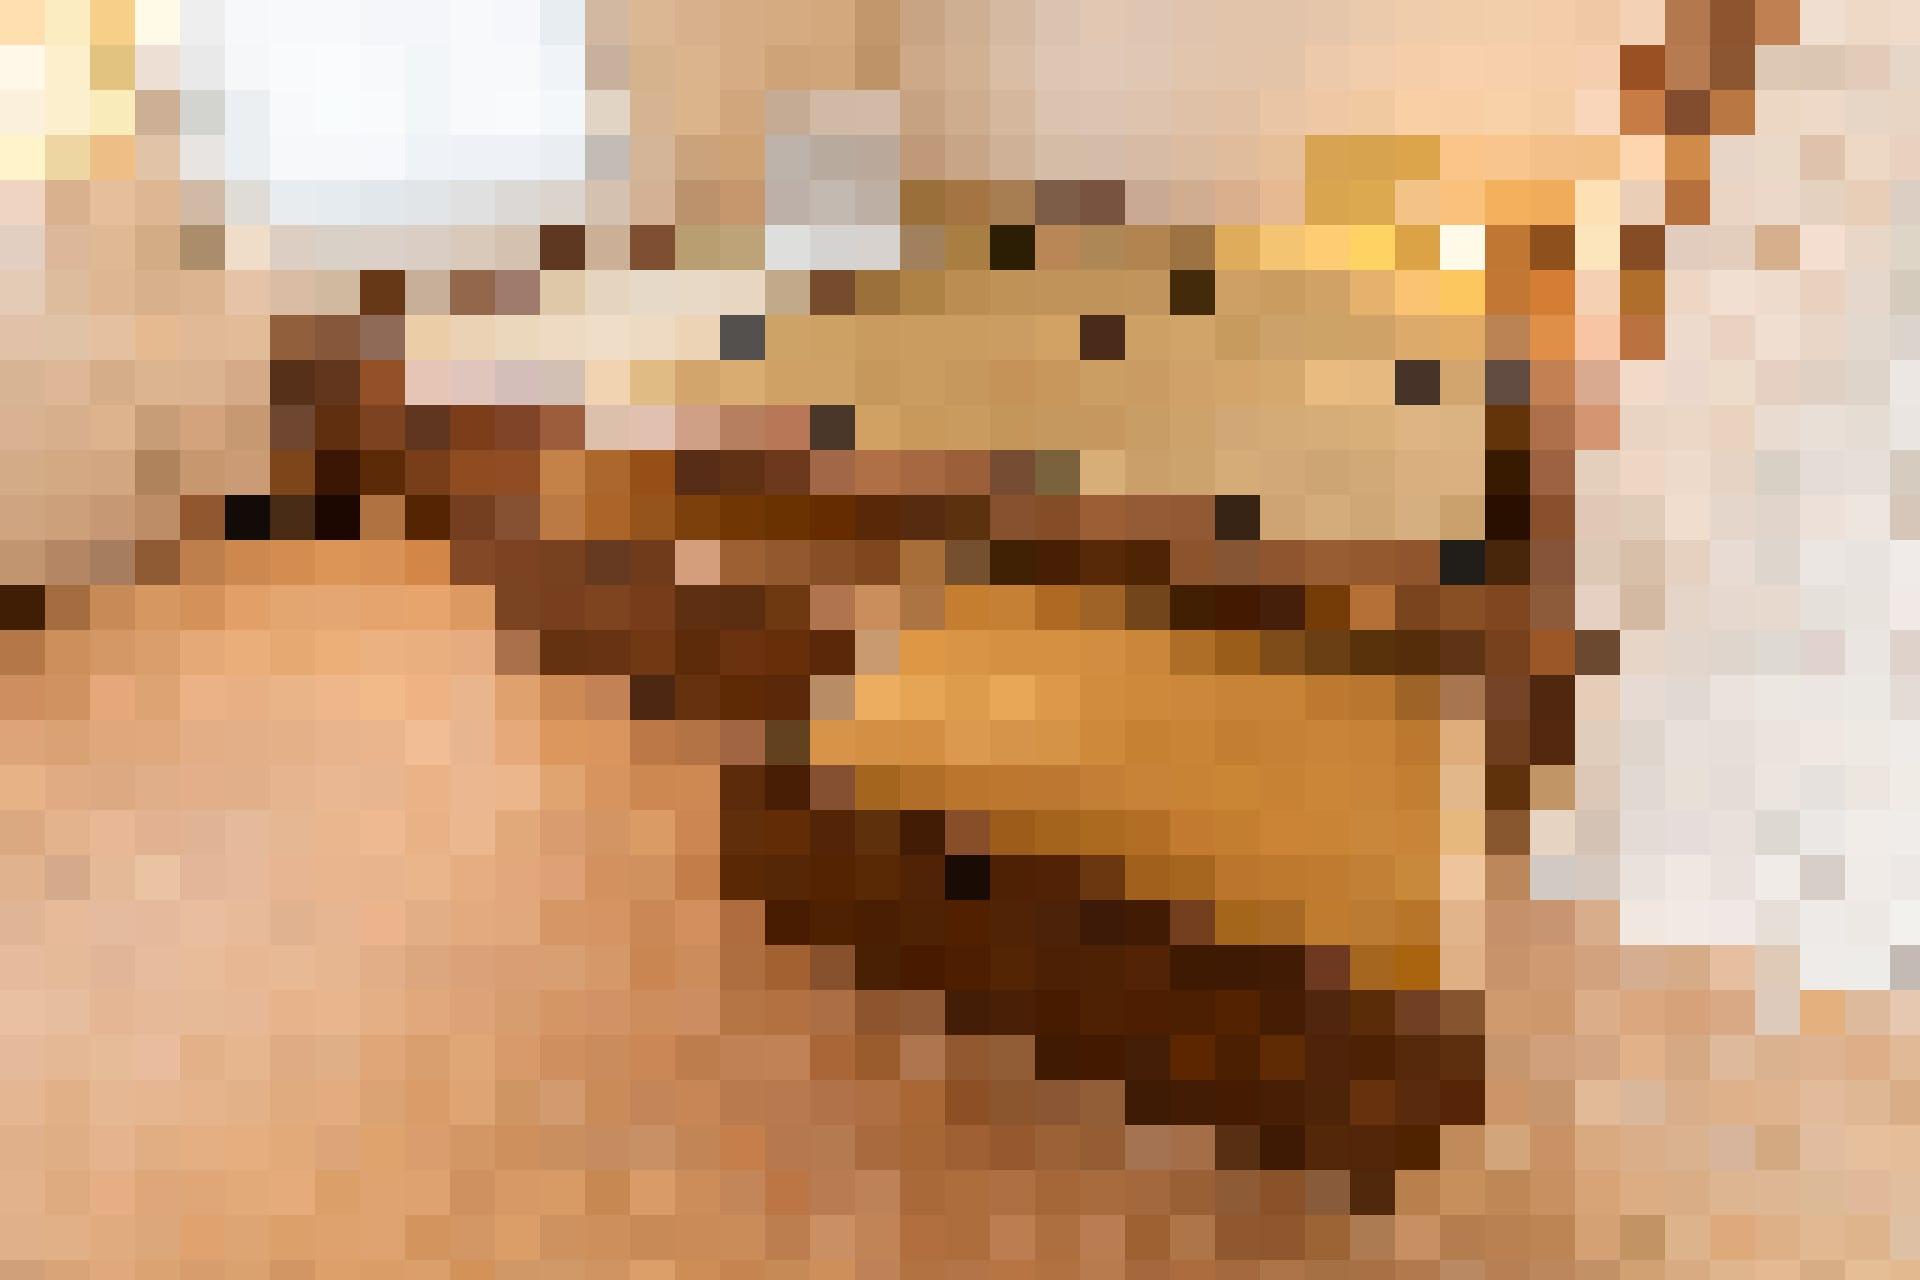 Um wertvollen Stauraum zu schaffen, lassen sich drei grosszügige Schubladen unter dem Podest herausziehen.